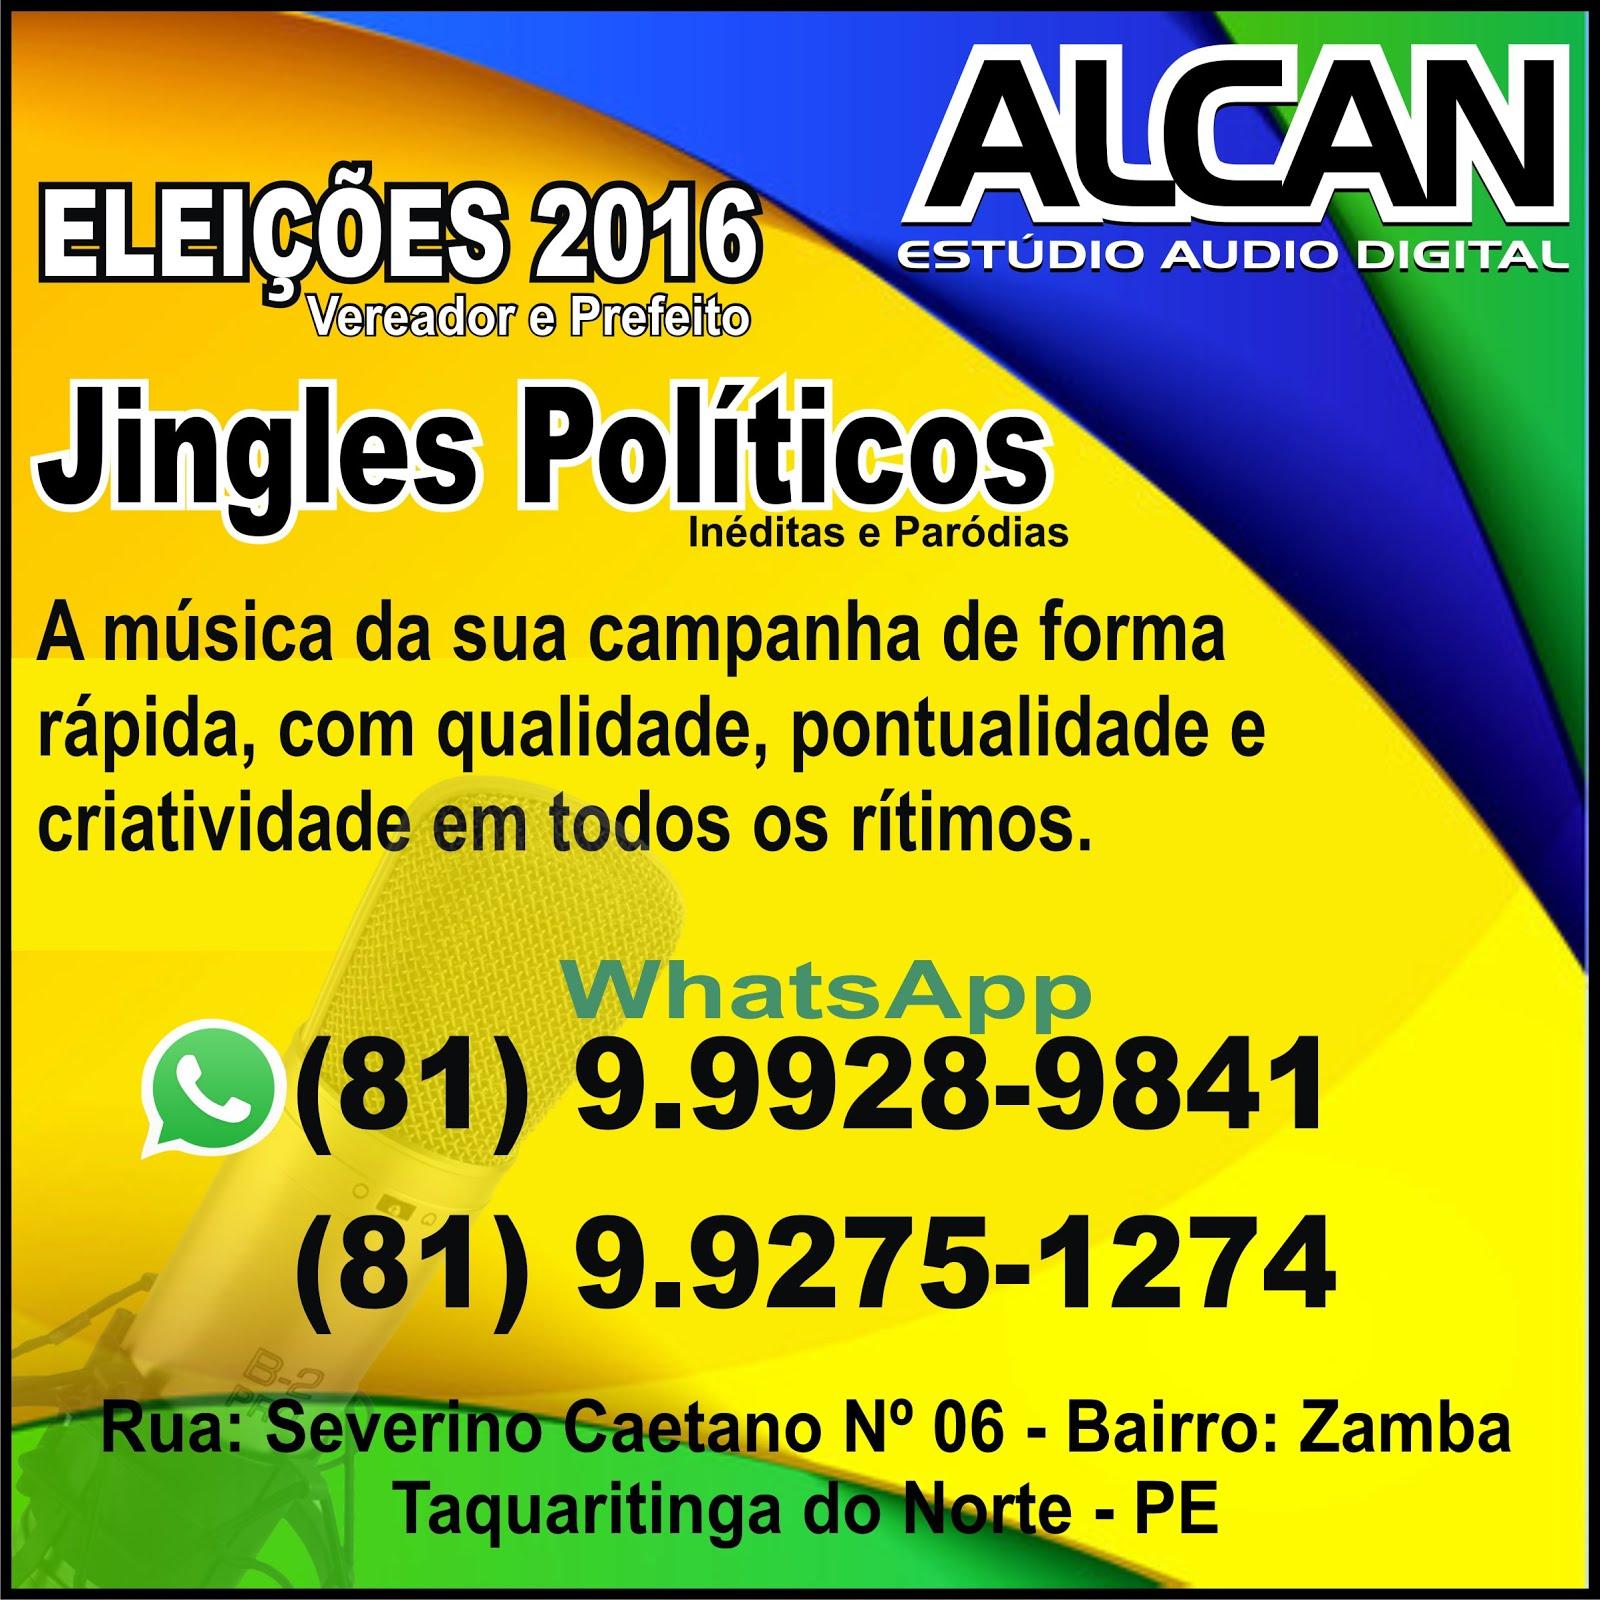 ALCAN ESTÚDIO